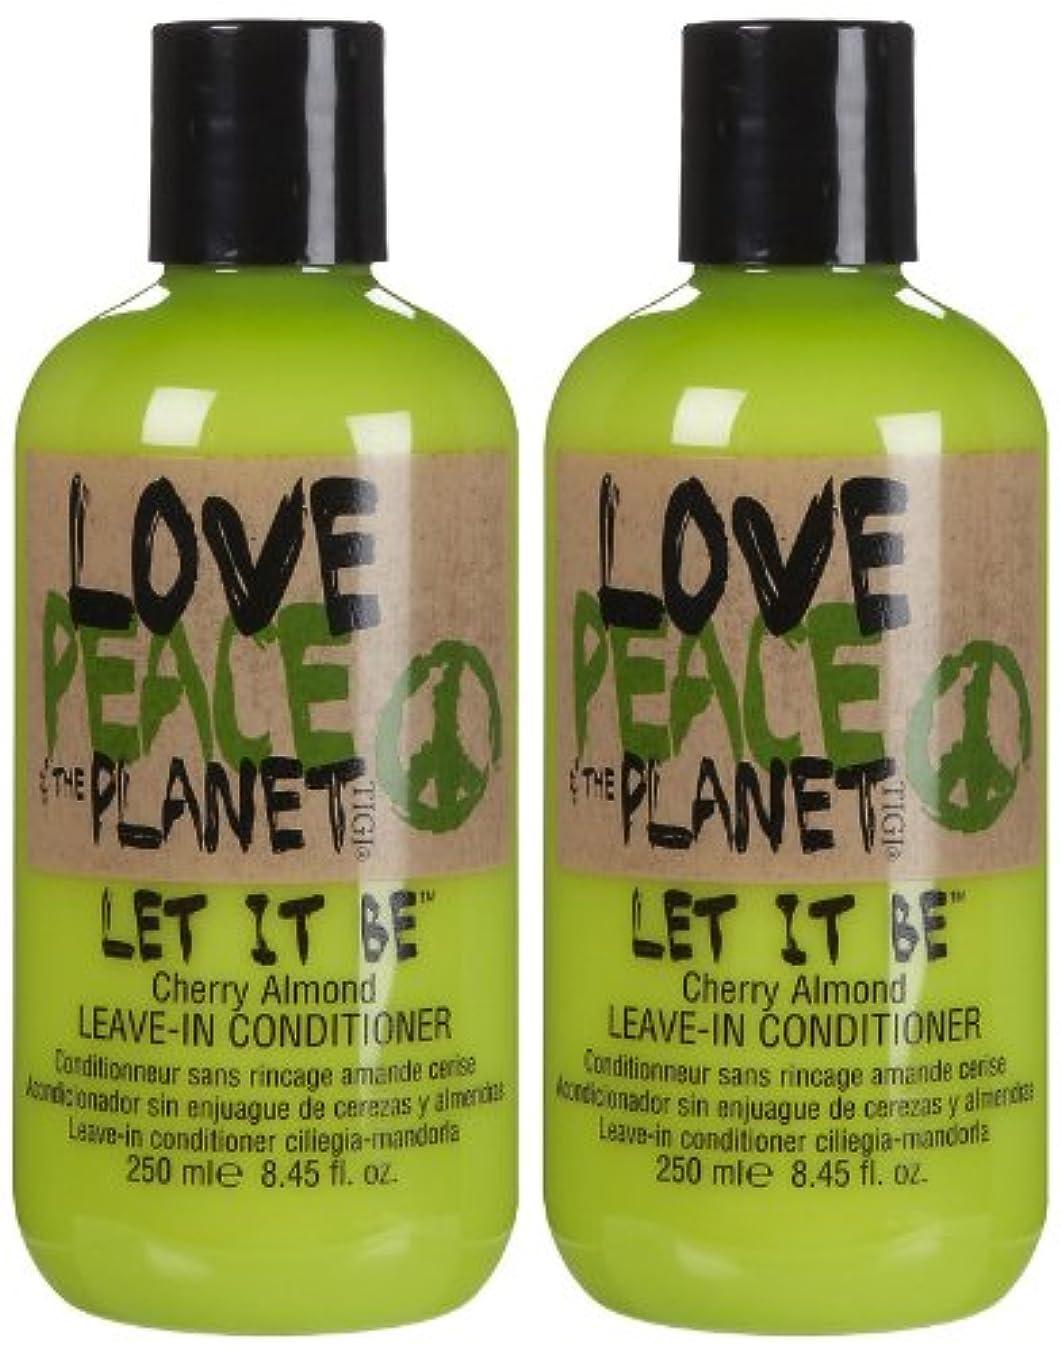 約レイアウト反抗TIGI Love Peace and The Planet Let It Be Cherry Almond Leave-in Conditioner 250 ml (並行輸入品)